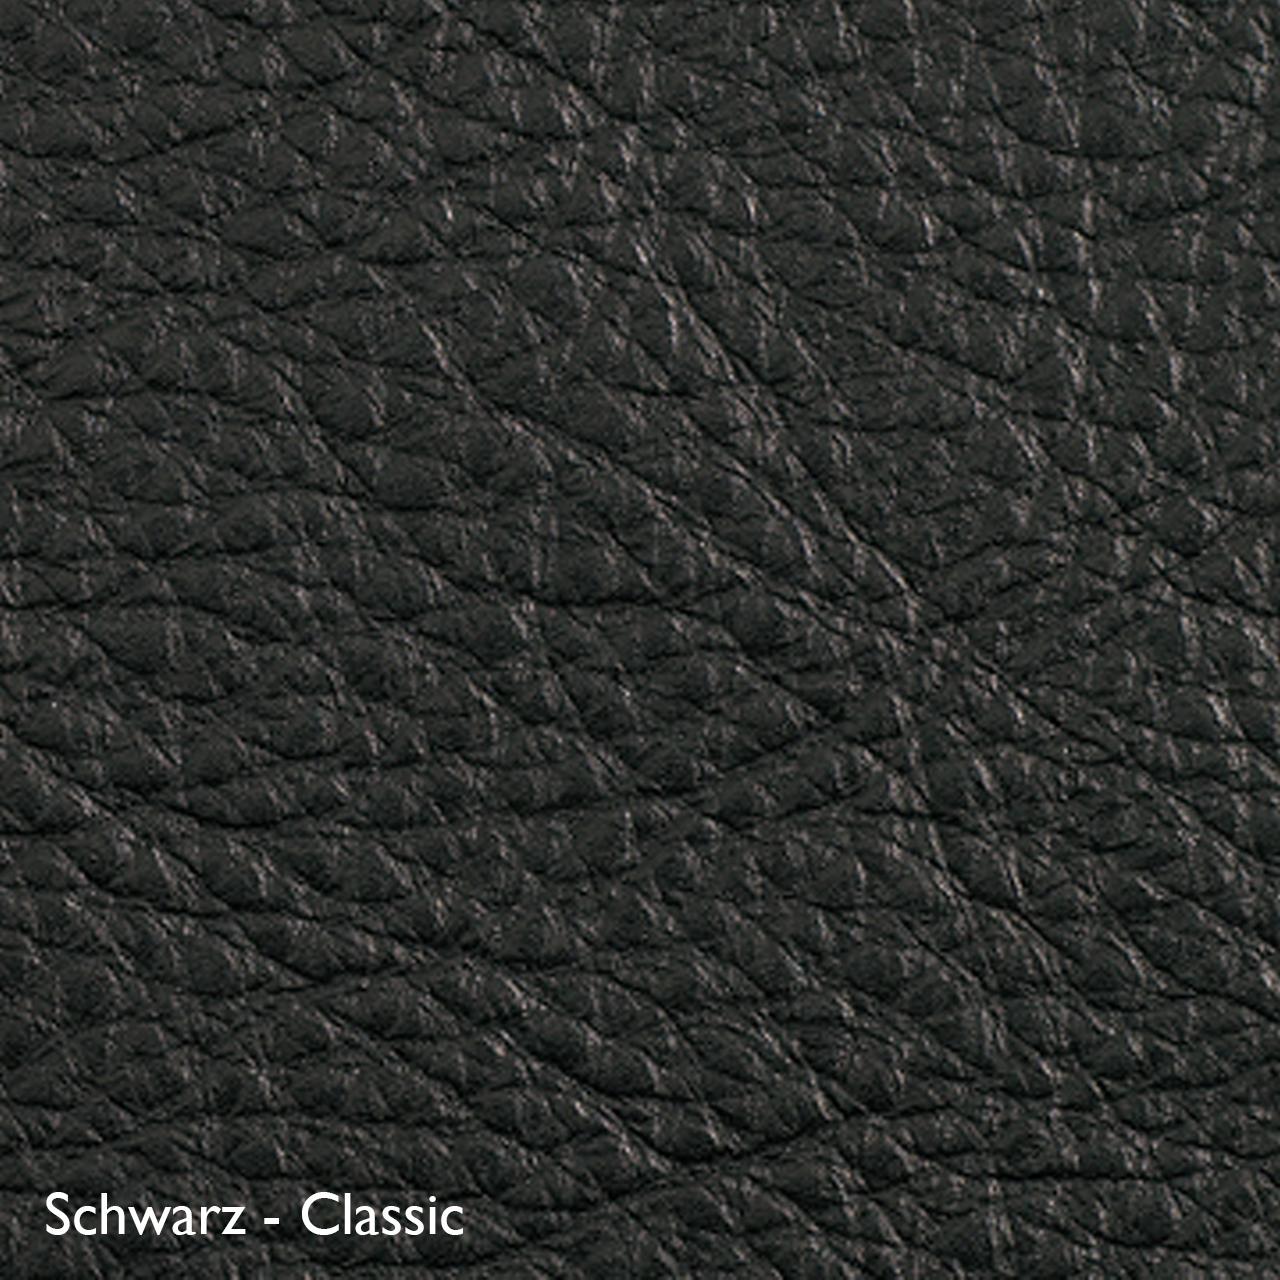 Classicon Sessel 'Euvira' mit Polsterung  Eiche natur,  Filzgleiter,  Schwarz - Classic